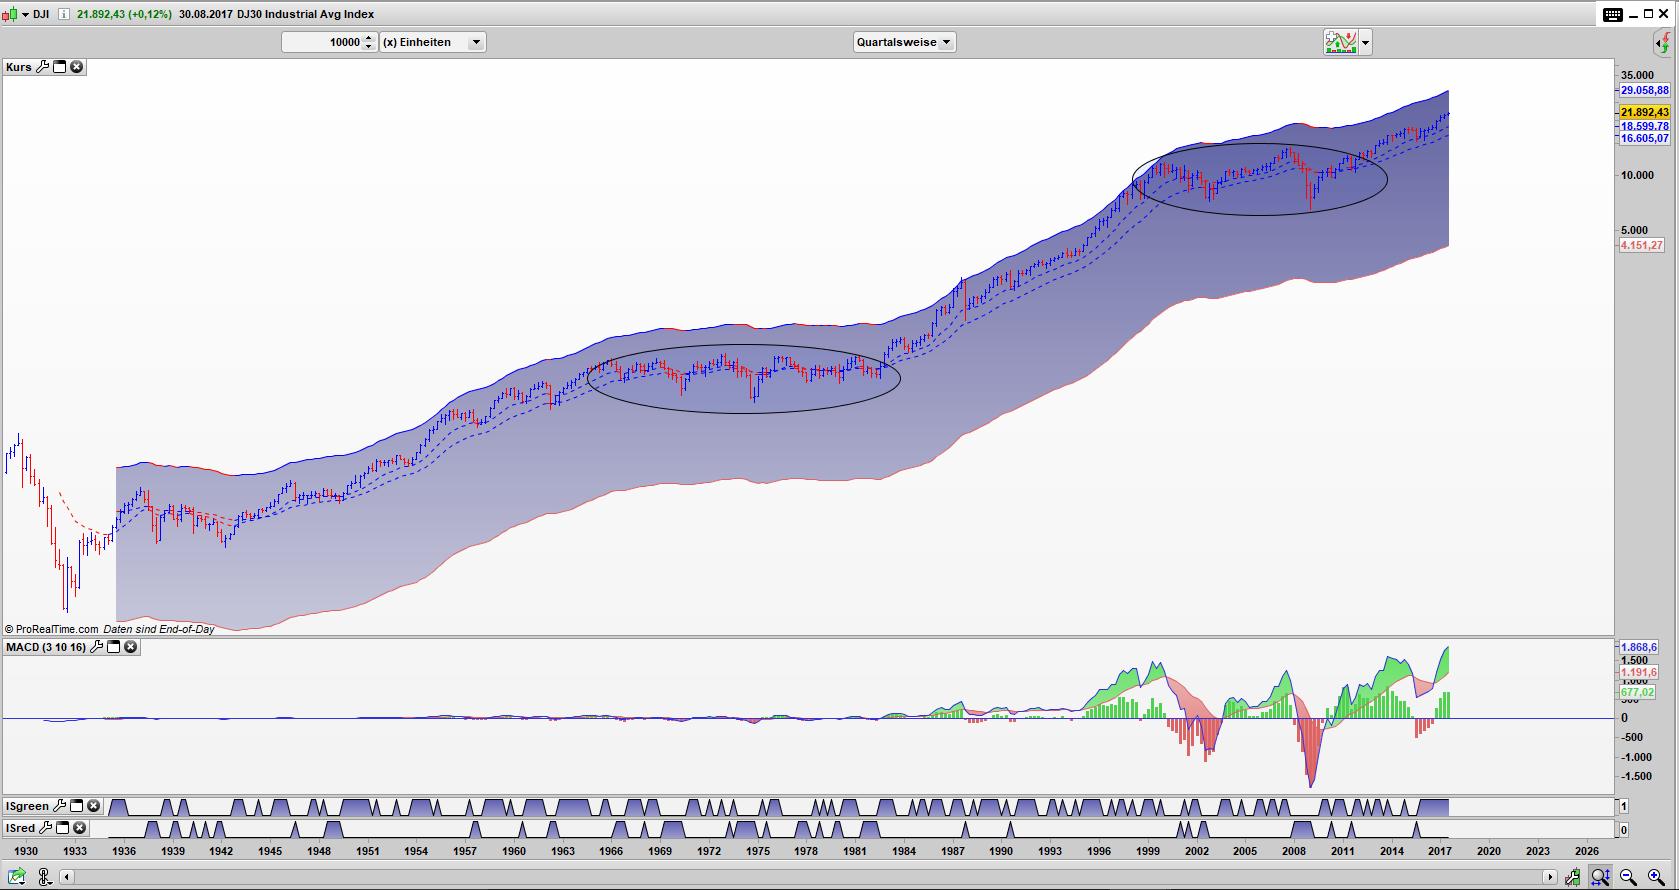 DJI Bar Quartals Chart: Situation 1982 und 2013 sind sich sehr ähnlich